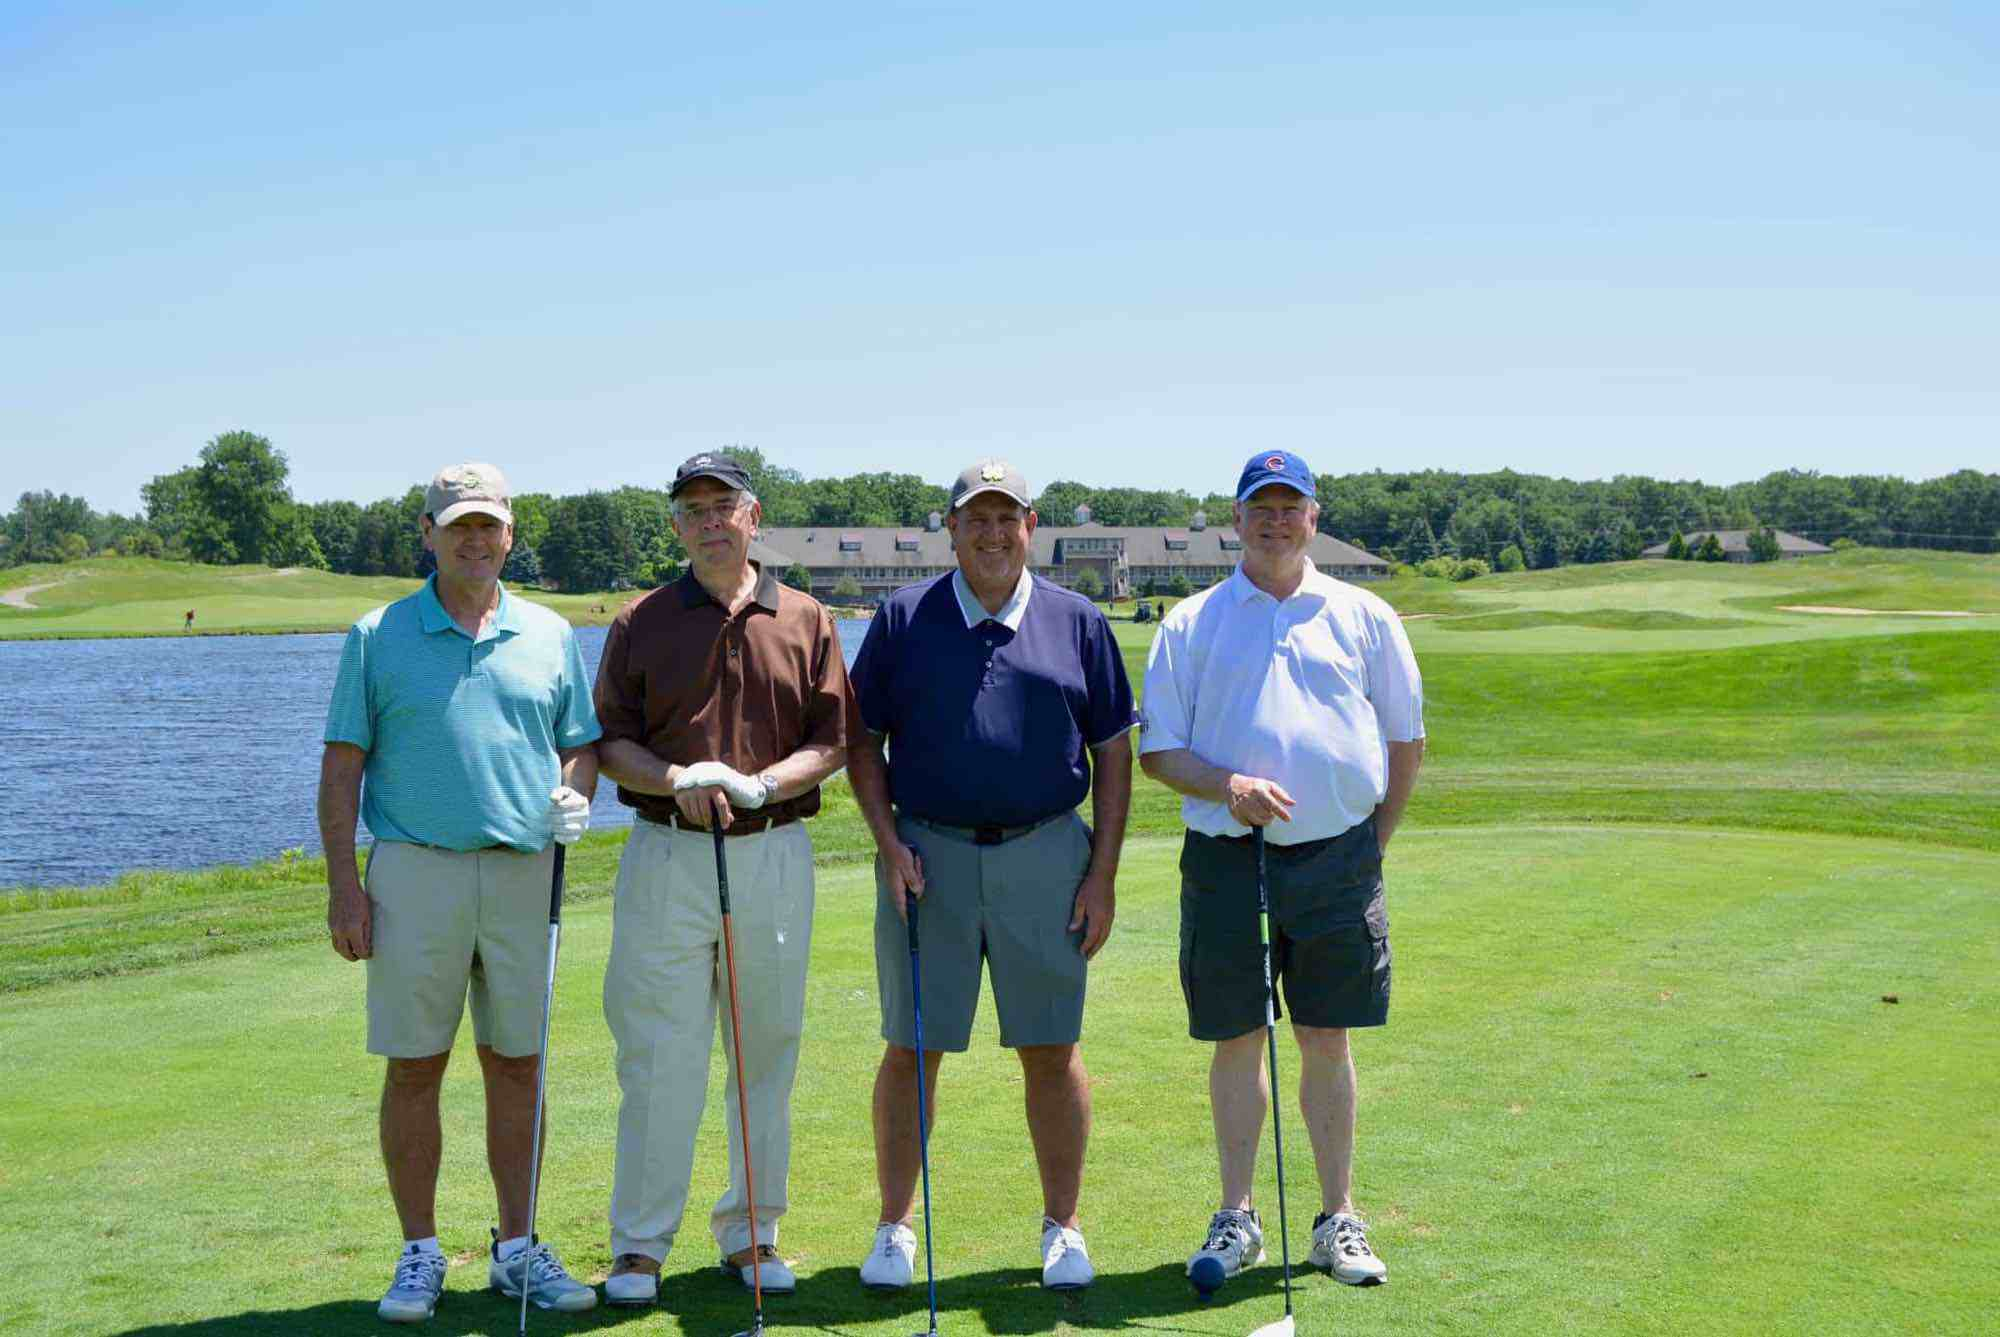 RHOADES MCKEE FOURSOME (Left to right): Tom Hogan, John Lichtenberg, Brian Boerighter, Dan Lennon (Winner of the Longest Putt)